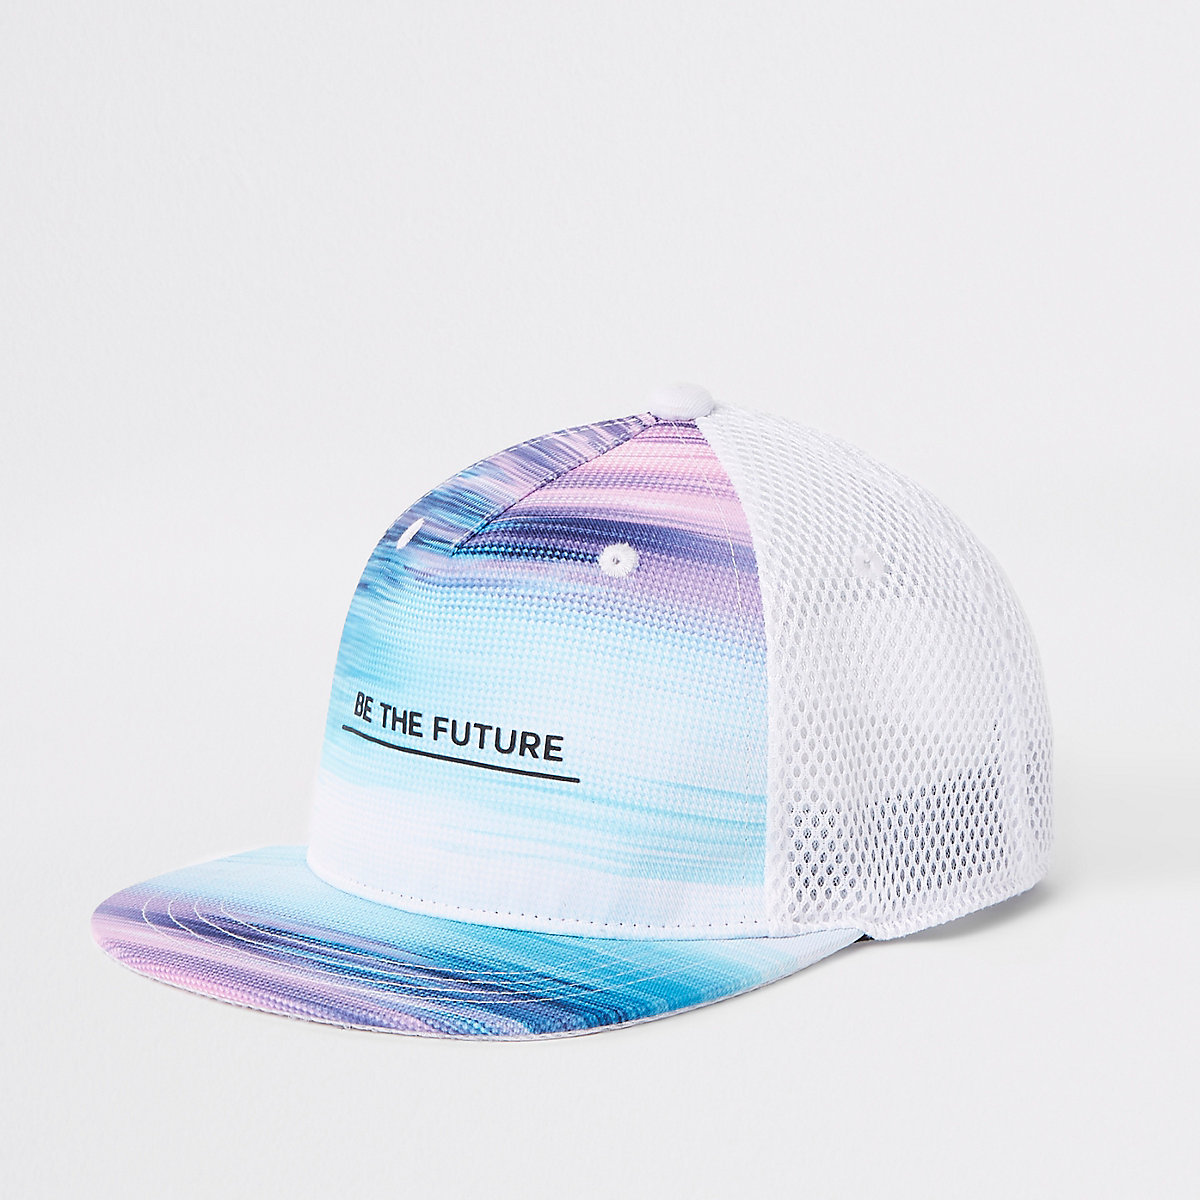 Boys 'be the future' flat cap